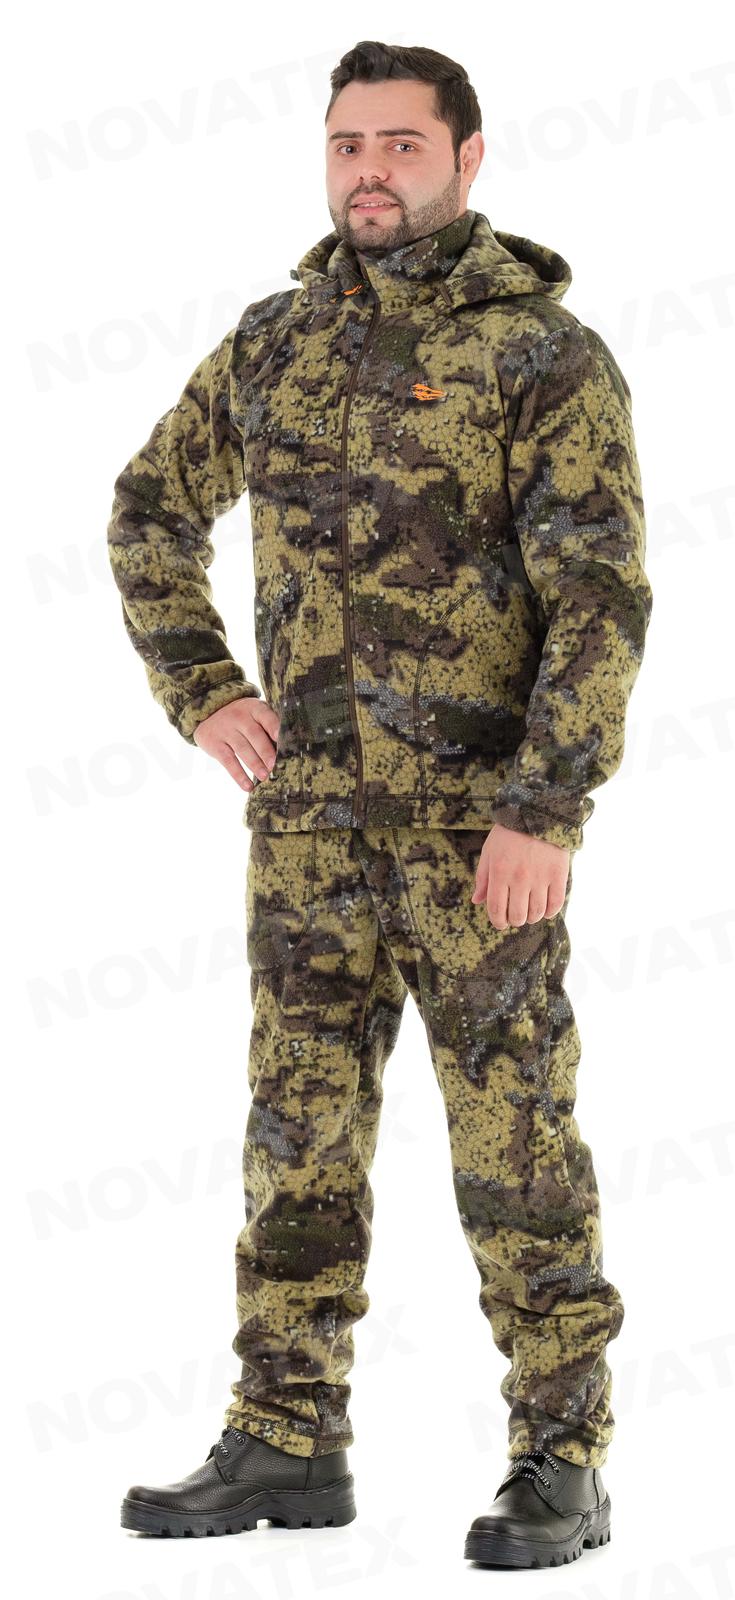 Костюм «Зортон» (флис, геометрия хаки) PRIDE Костюмы флисовые<br>Ткань: флис (100% полиэстр, плотность 280 г/кв.м) <br>Универсальный костюм «Зортон» (ТМ «Pride») <br>от компании Novatex. Благодаря своему материалу <br>и покрою может использоваться как самостоятельный <br>костюм, так и в качестве утеплителя под <br>верхнюю одежду. Костюм «Зортон» состоит <br>из длинной куртки с отстегивающимся капюшоном <br>и брюк прямого покроя с утяжками по низу <br>брючин. Для изготовления использован современный <br>материал флис повышенной плотности: теплый, <br>мягкий, эластичный материал, практически <br>не впитывающий влагу и обладающий повышенной <br>износостойкостью.<br><br>Пол: мужской<br>Сезон: демисезонный<br>Цвет: оливковый